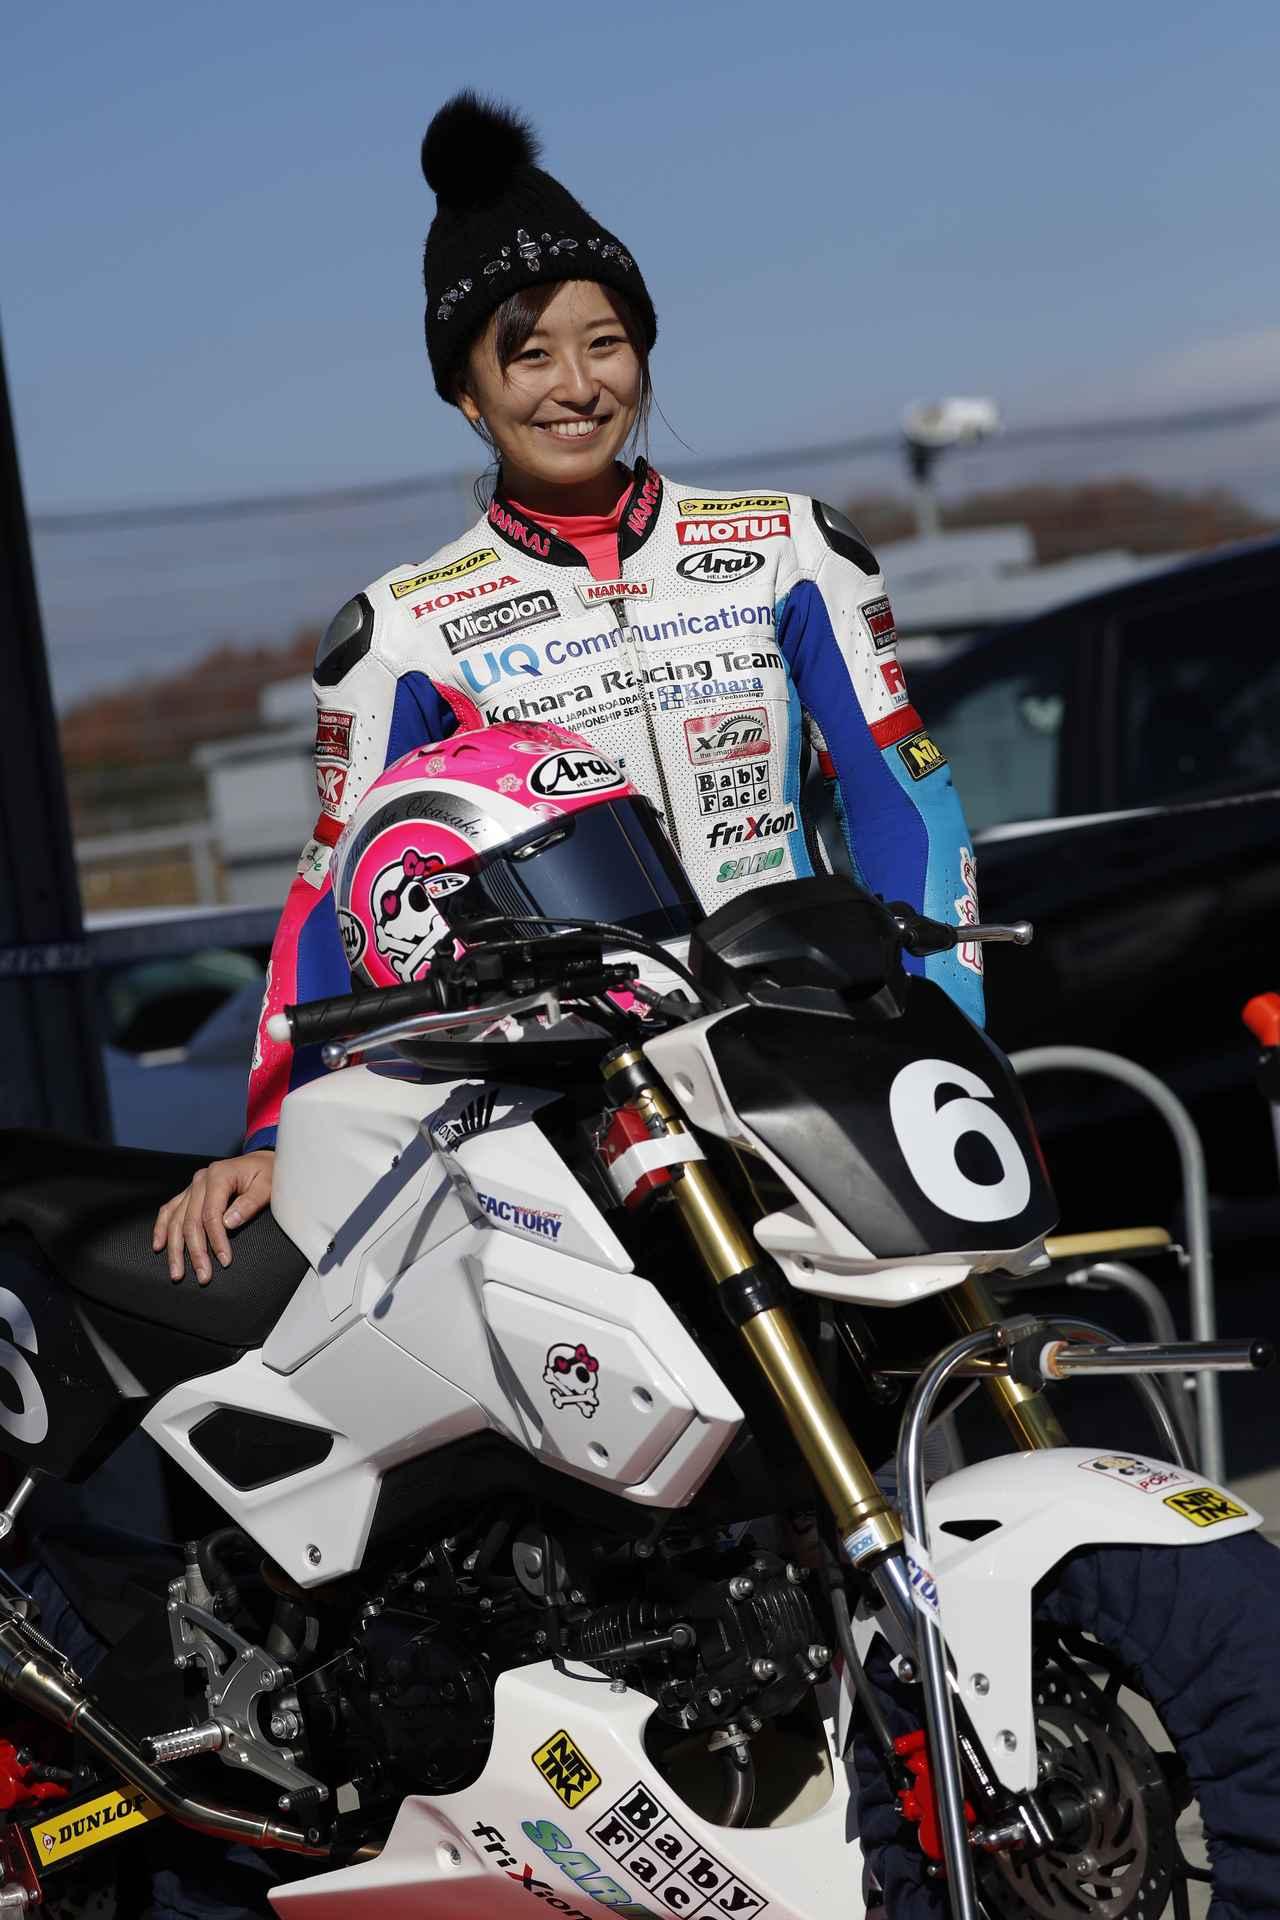 画像: 「HRC GROM Cup グランドチャンピオンシップ2017」にゲスト参加した岡崎選手。わずかな走行時間で本番レースに臨んだ岡崎選手でしたが、グロムならではの面白さも発見したようです。そんな岡崎さんのレポートは12月27日発売のオートバイ2月号で掲載予定です!